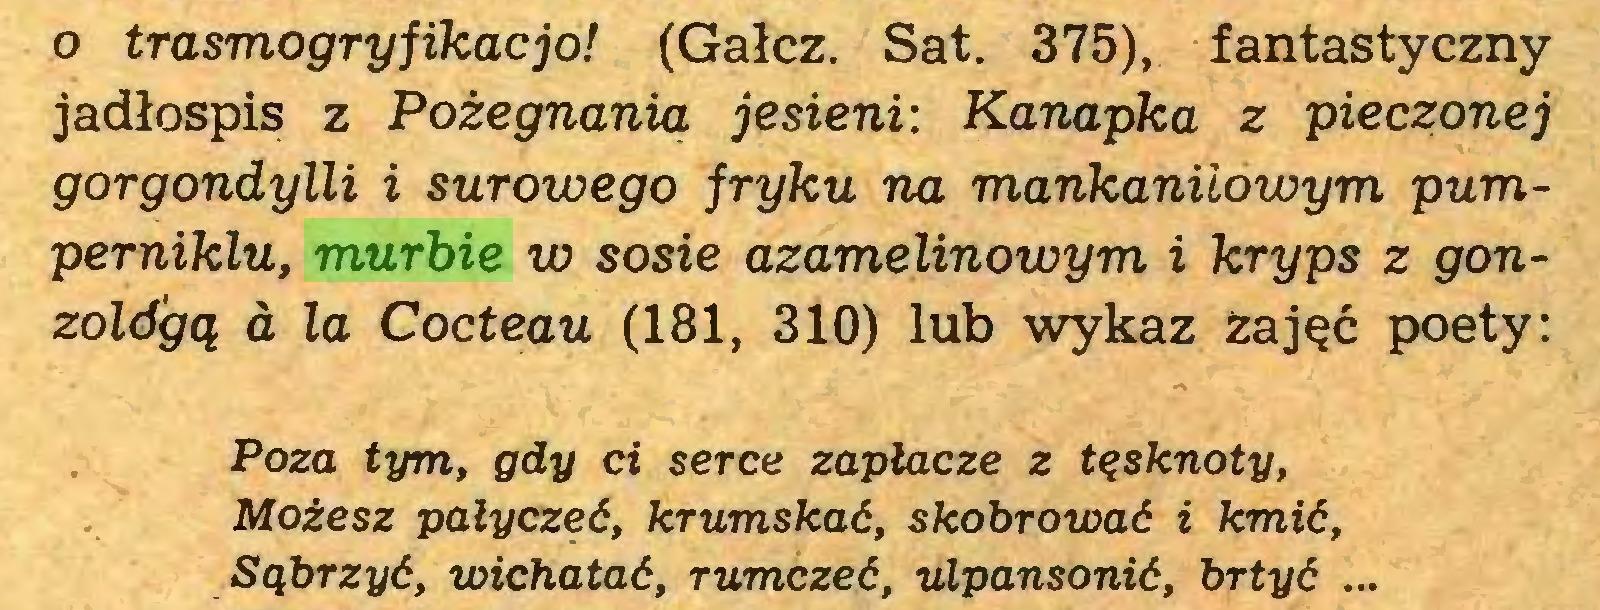 (...) o trasmogry fikać jo! (Gałcz. Sat. 375), fantastyczny jadłospis z Pożegnania jesieni: Kanapka z pieczonej gorgondylli i surowego fryku na mankaniiowym pumperniklu, murbie w sosie azamelinowym i kryps z gonzoldgą a la Cocteau (181, 310) lub wykaz Zajęć poety: Poza tym, gdy ci serce zapłacze z tęsknoty, Możesz pałyczeć, krumskać, skobrować i kmić, Sąbrzyć, wichatać, rumczeć, ulpansonić, brtyć ...